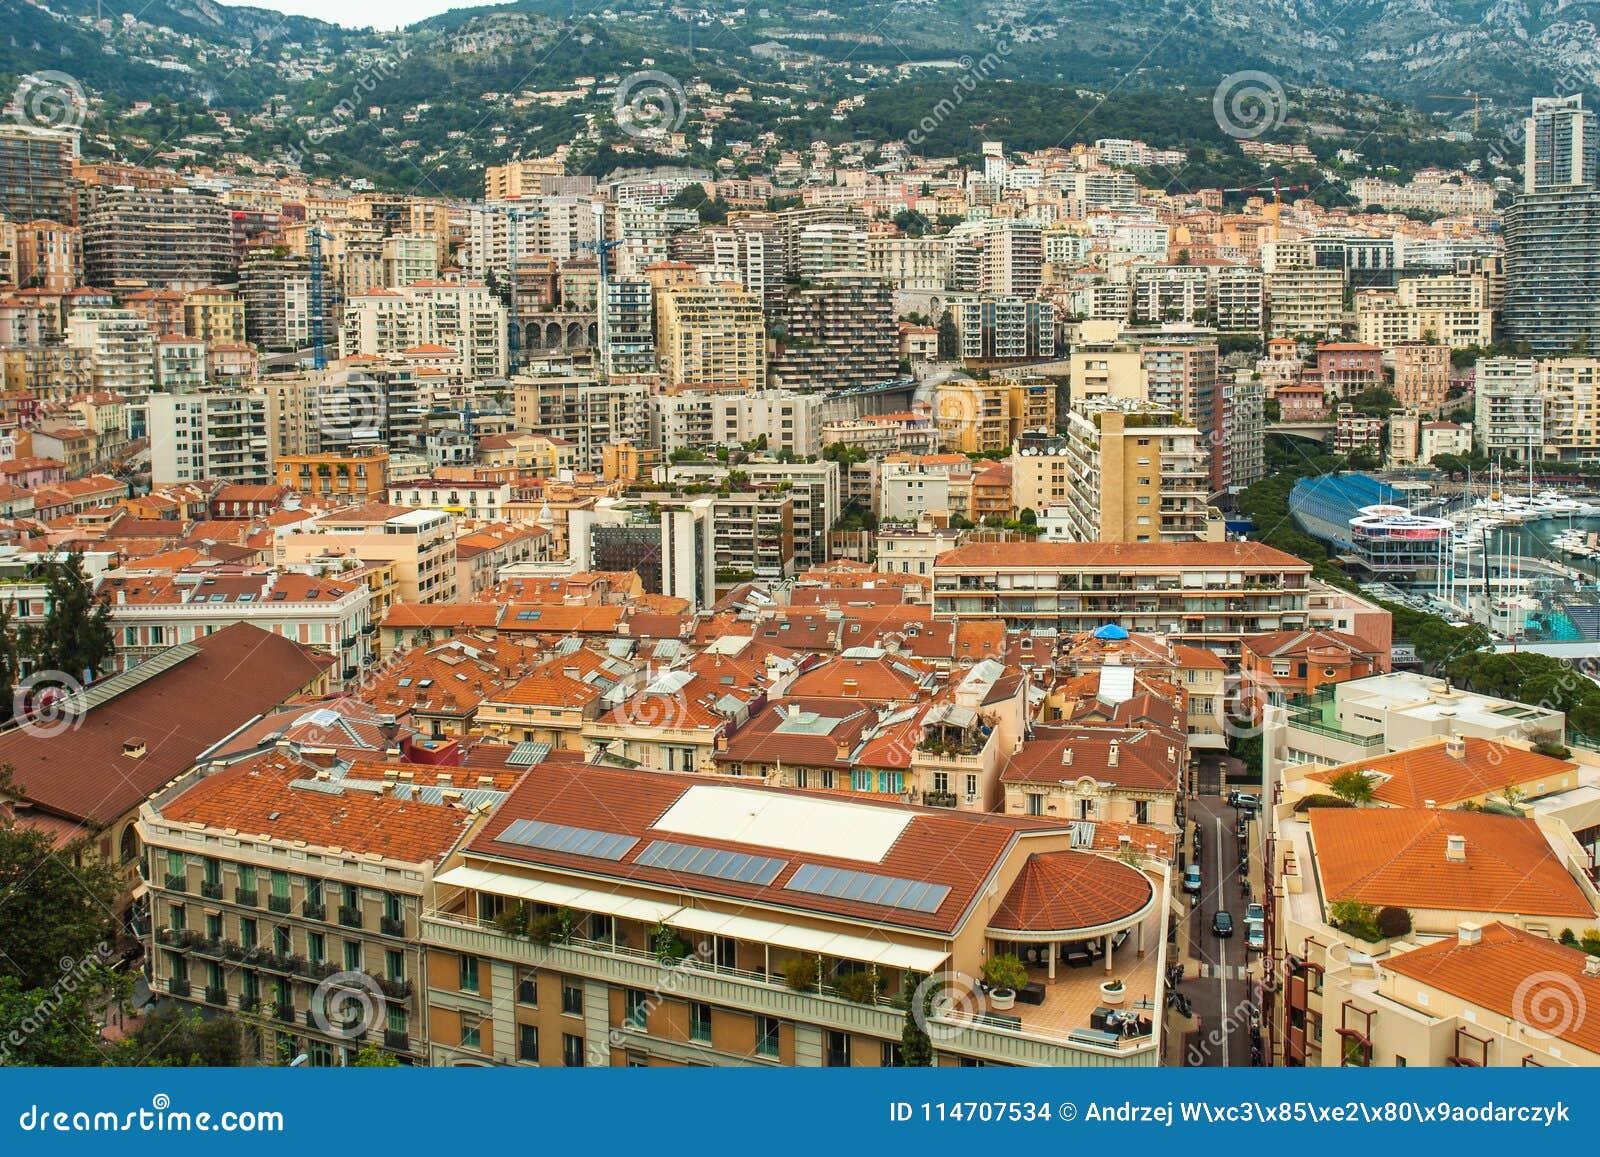 摩纳哥,蒙地卡罗全景城市